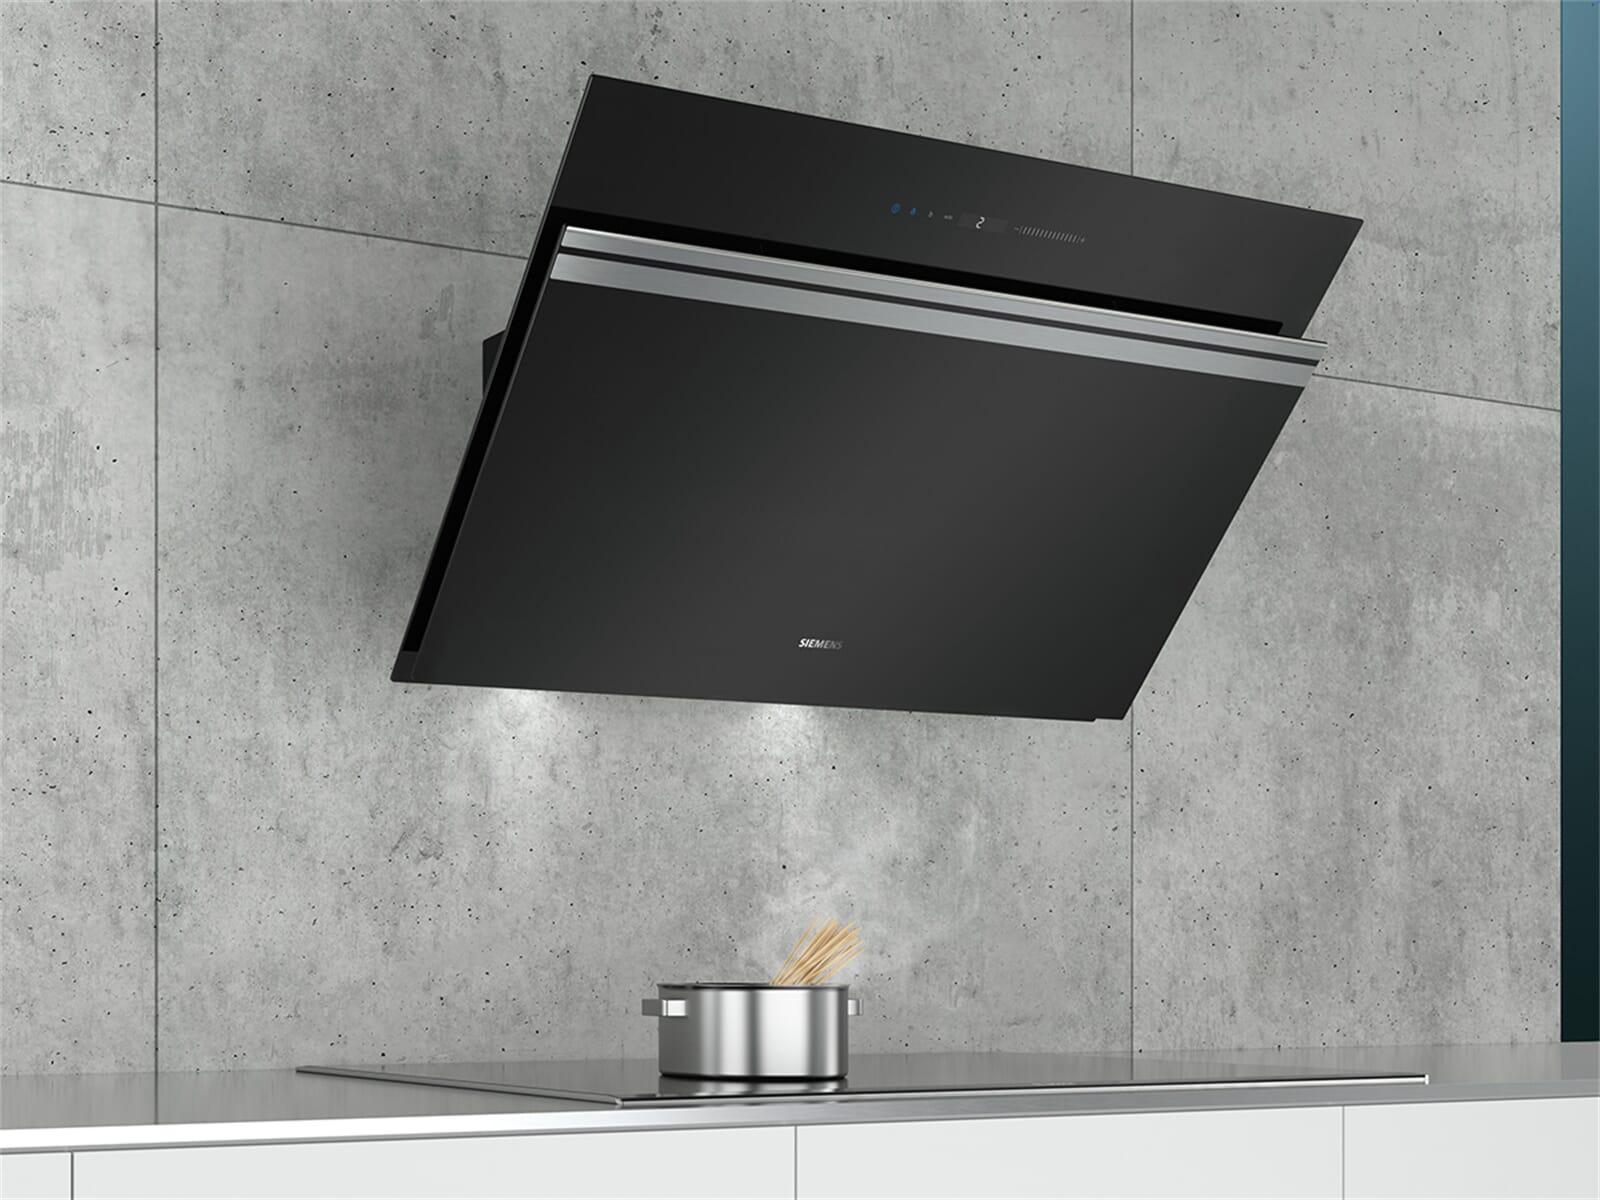 siemens lc91kwv60 kopffreihaube schwarz. Black Bedroom Furniture Sets. Home Design Ideas